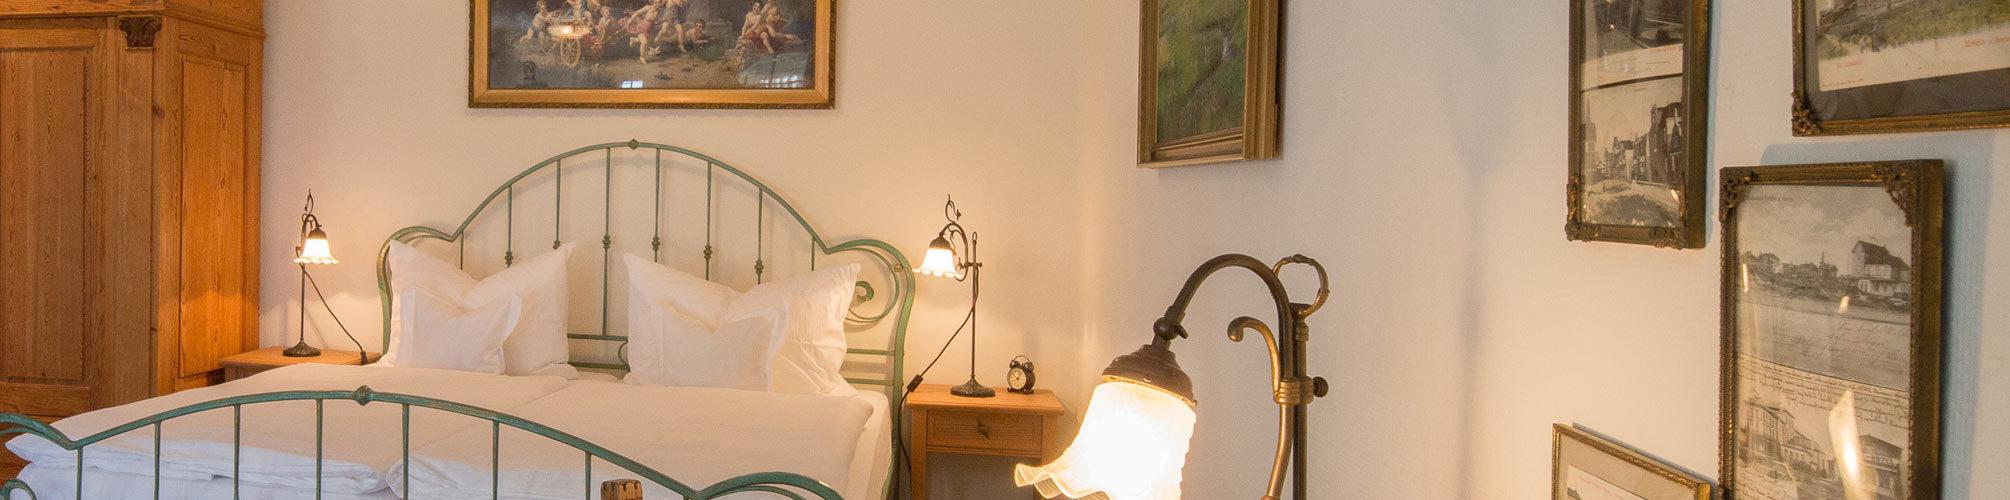 hotel-pension-uetjkiek-hotelzimmer-3